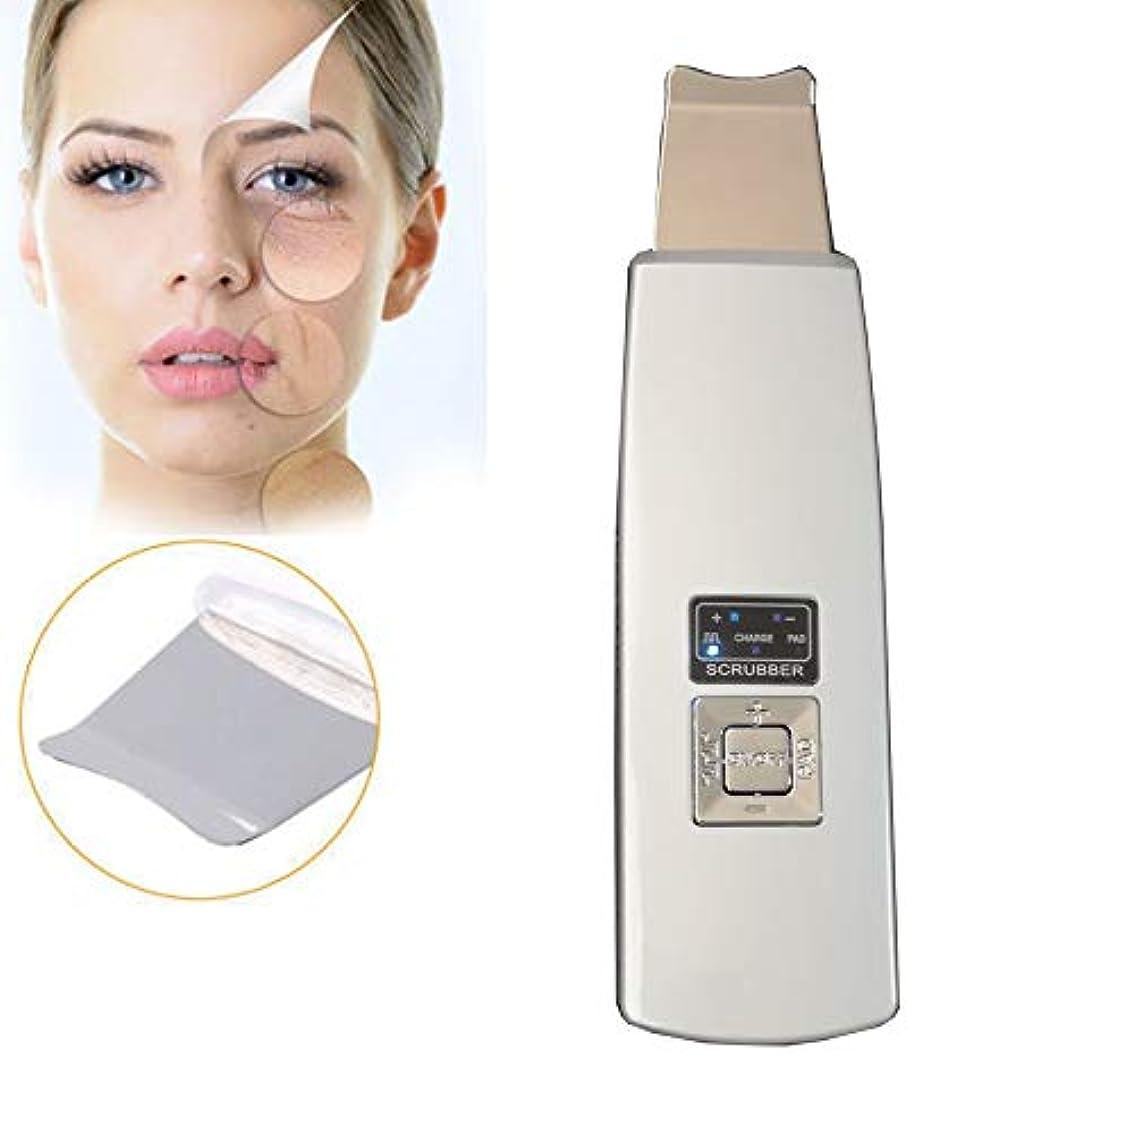 後継合金厚さ顔の皮膚のスクラバー、ポータブル?フェイシャル超音波超音波イオンスキンケアスクラバーデバイス美容機は、ブラックヘッド面皰死んだ皮膚の除去を削除する方法